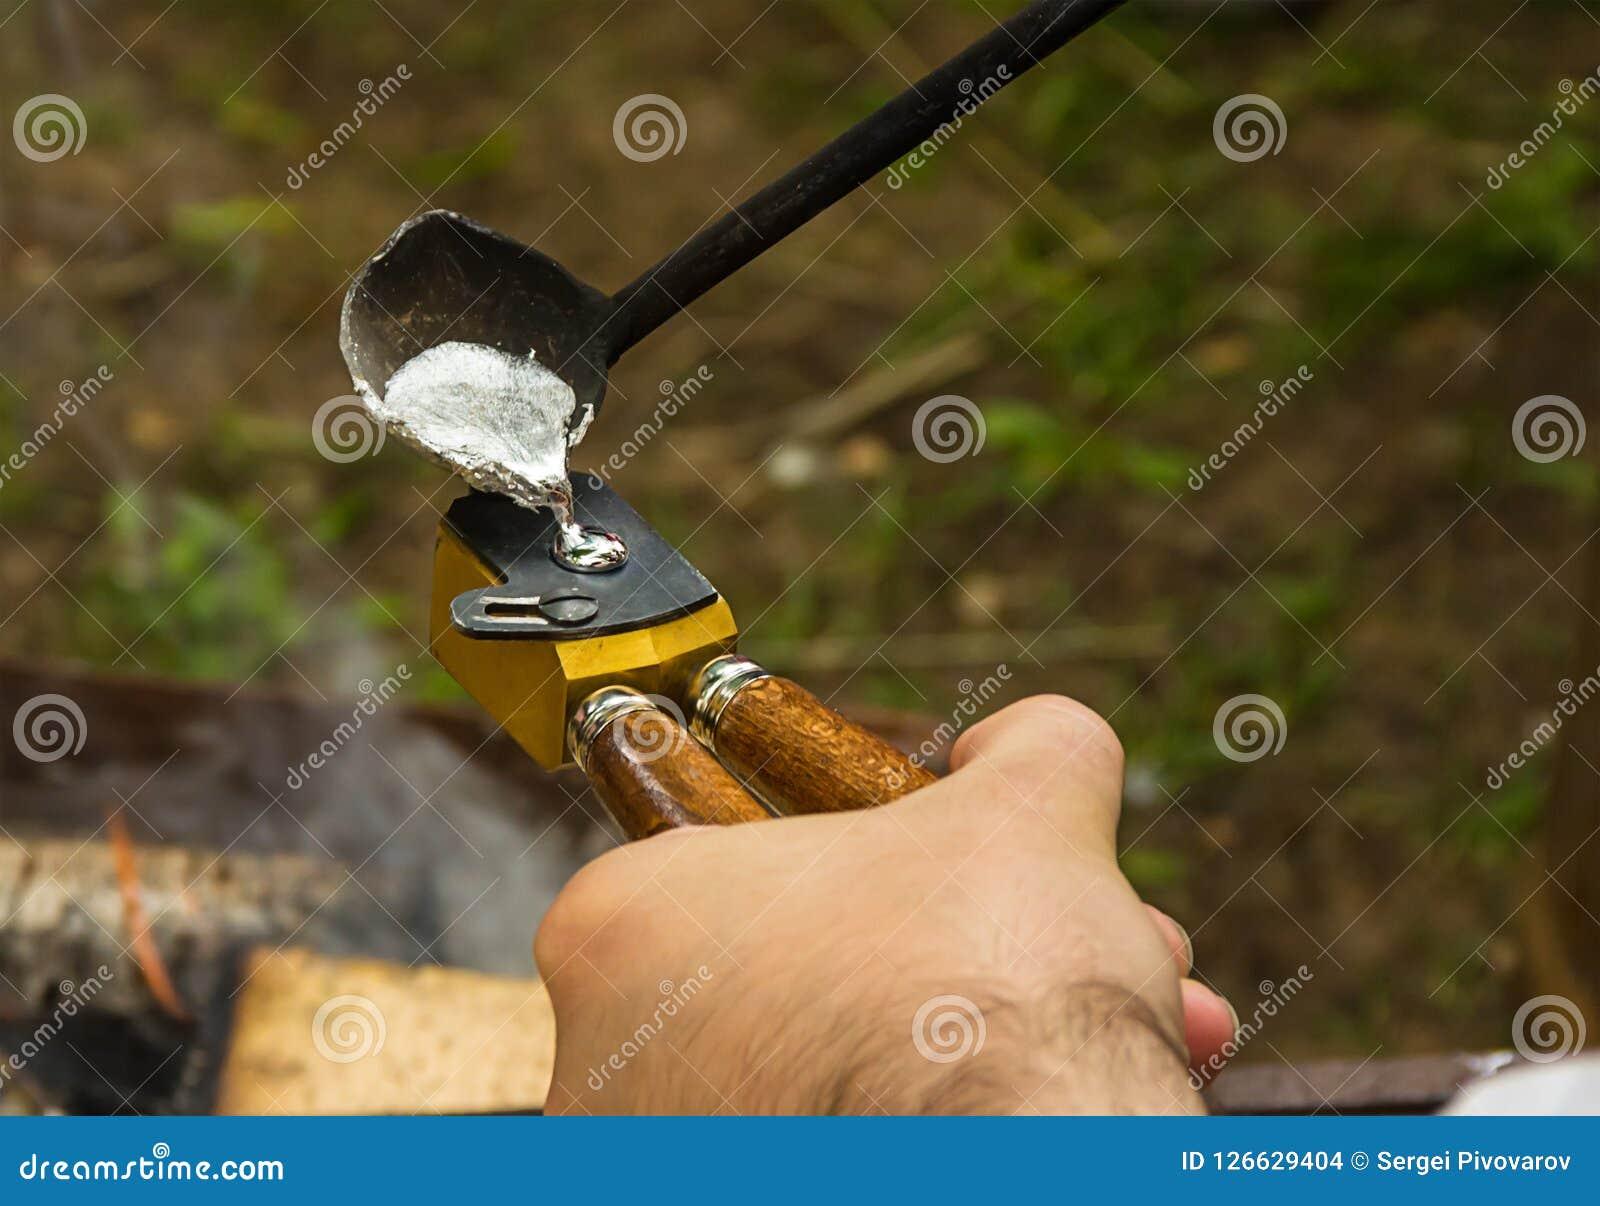 De kogel die om projectiel voor historische wapensmusketten maken het vloeibare metaal wordt gegoten is gevormde in hand vorm teg